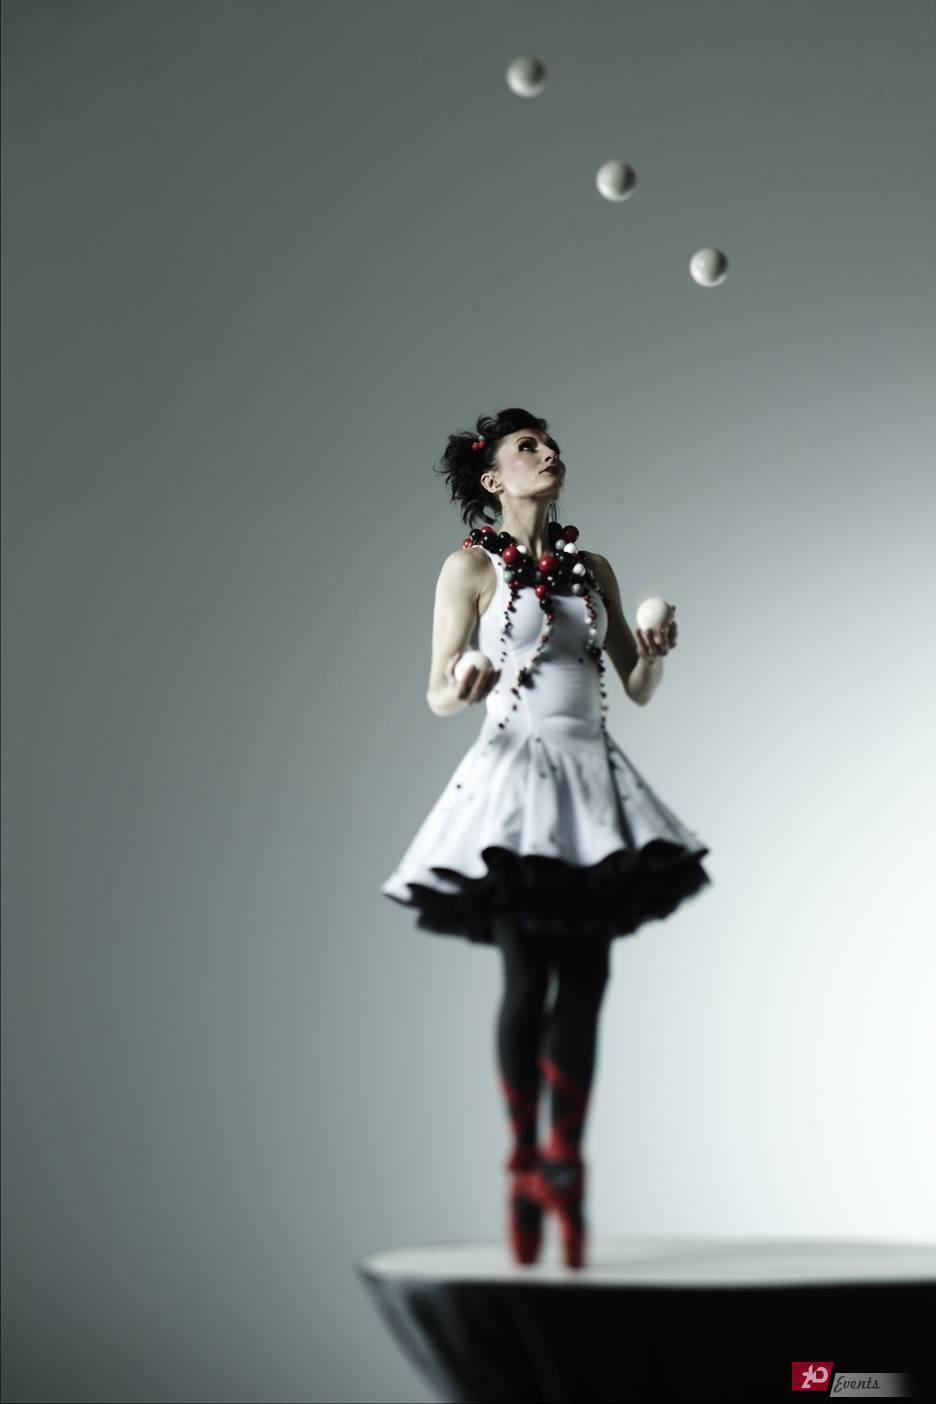 Juggling ballerina for drink receptions